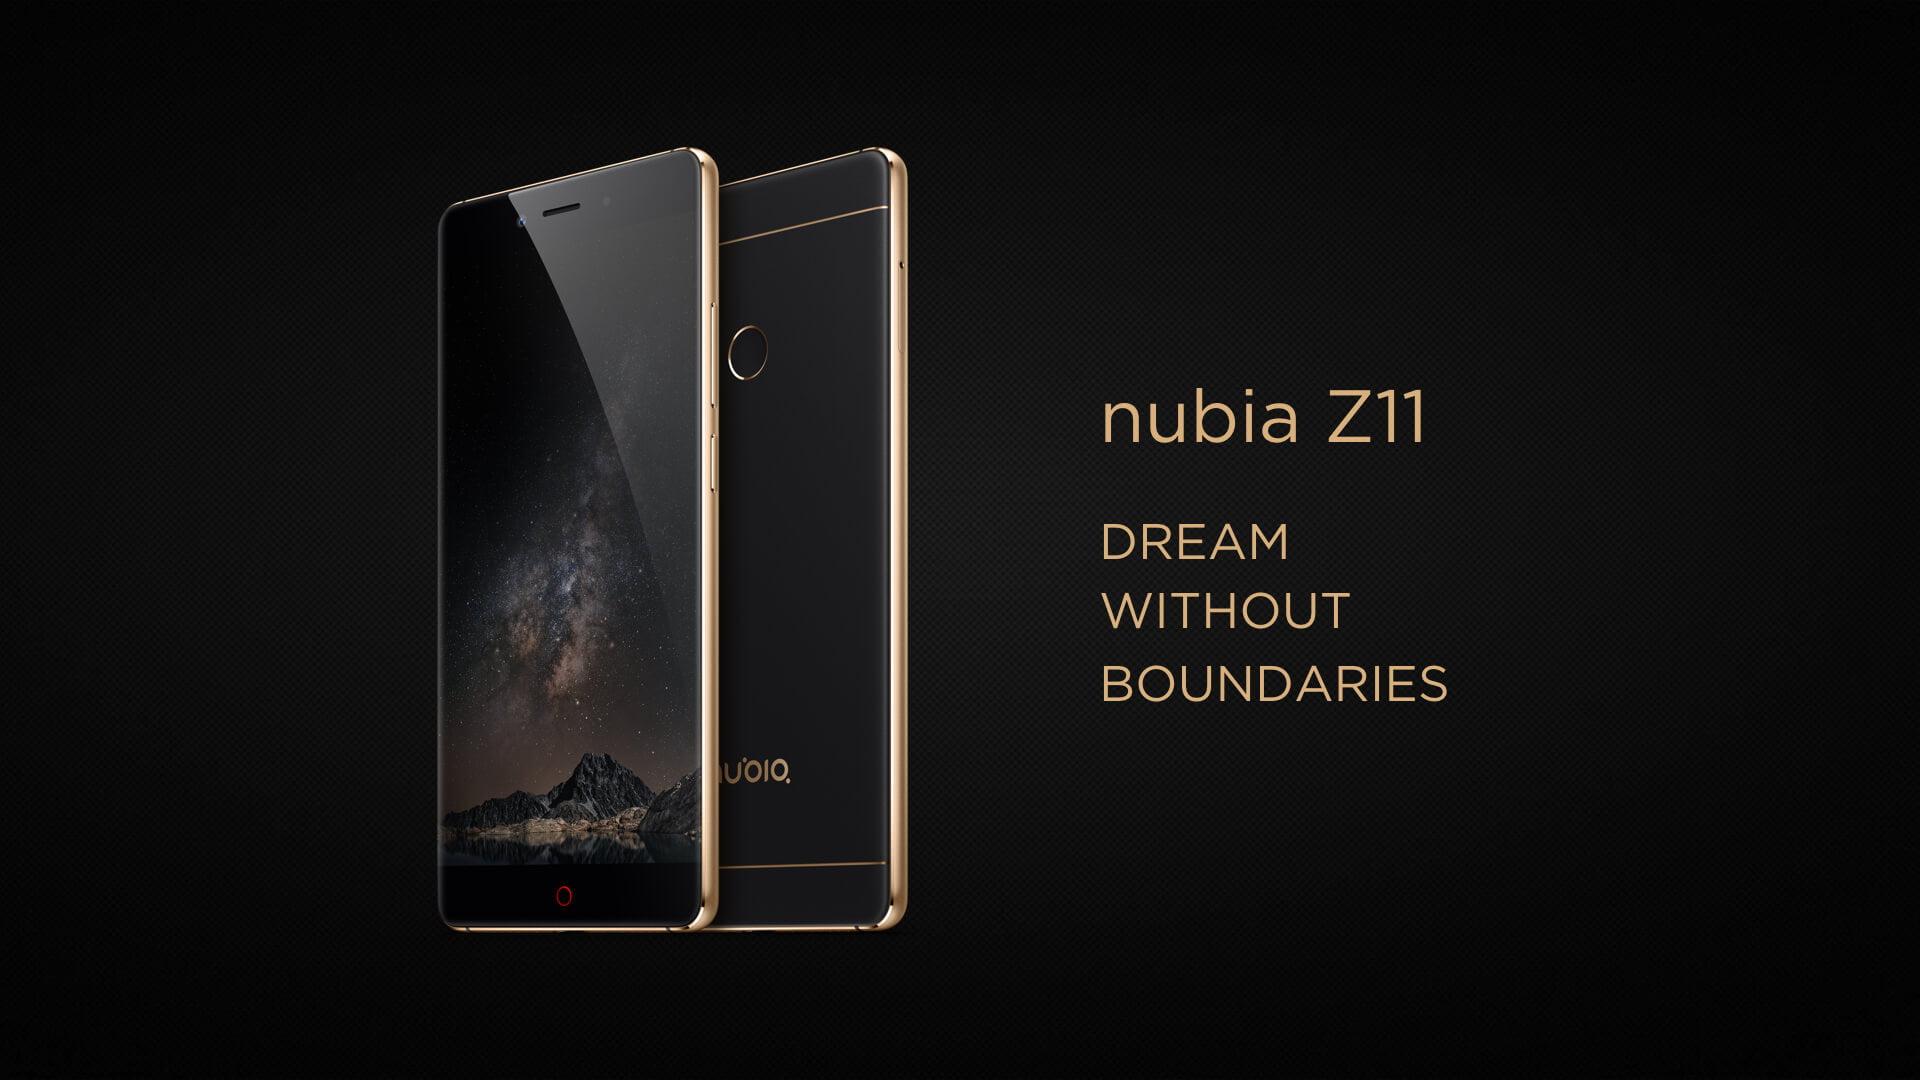 Nie jest to okazja życia, ale jeśli ktoś chciał kupić Nubię Z11 lub Nubię N1 Lite, to teraz trochę zaoszczędzi 18